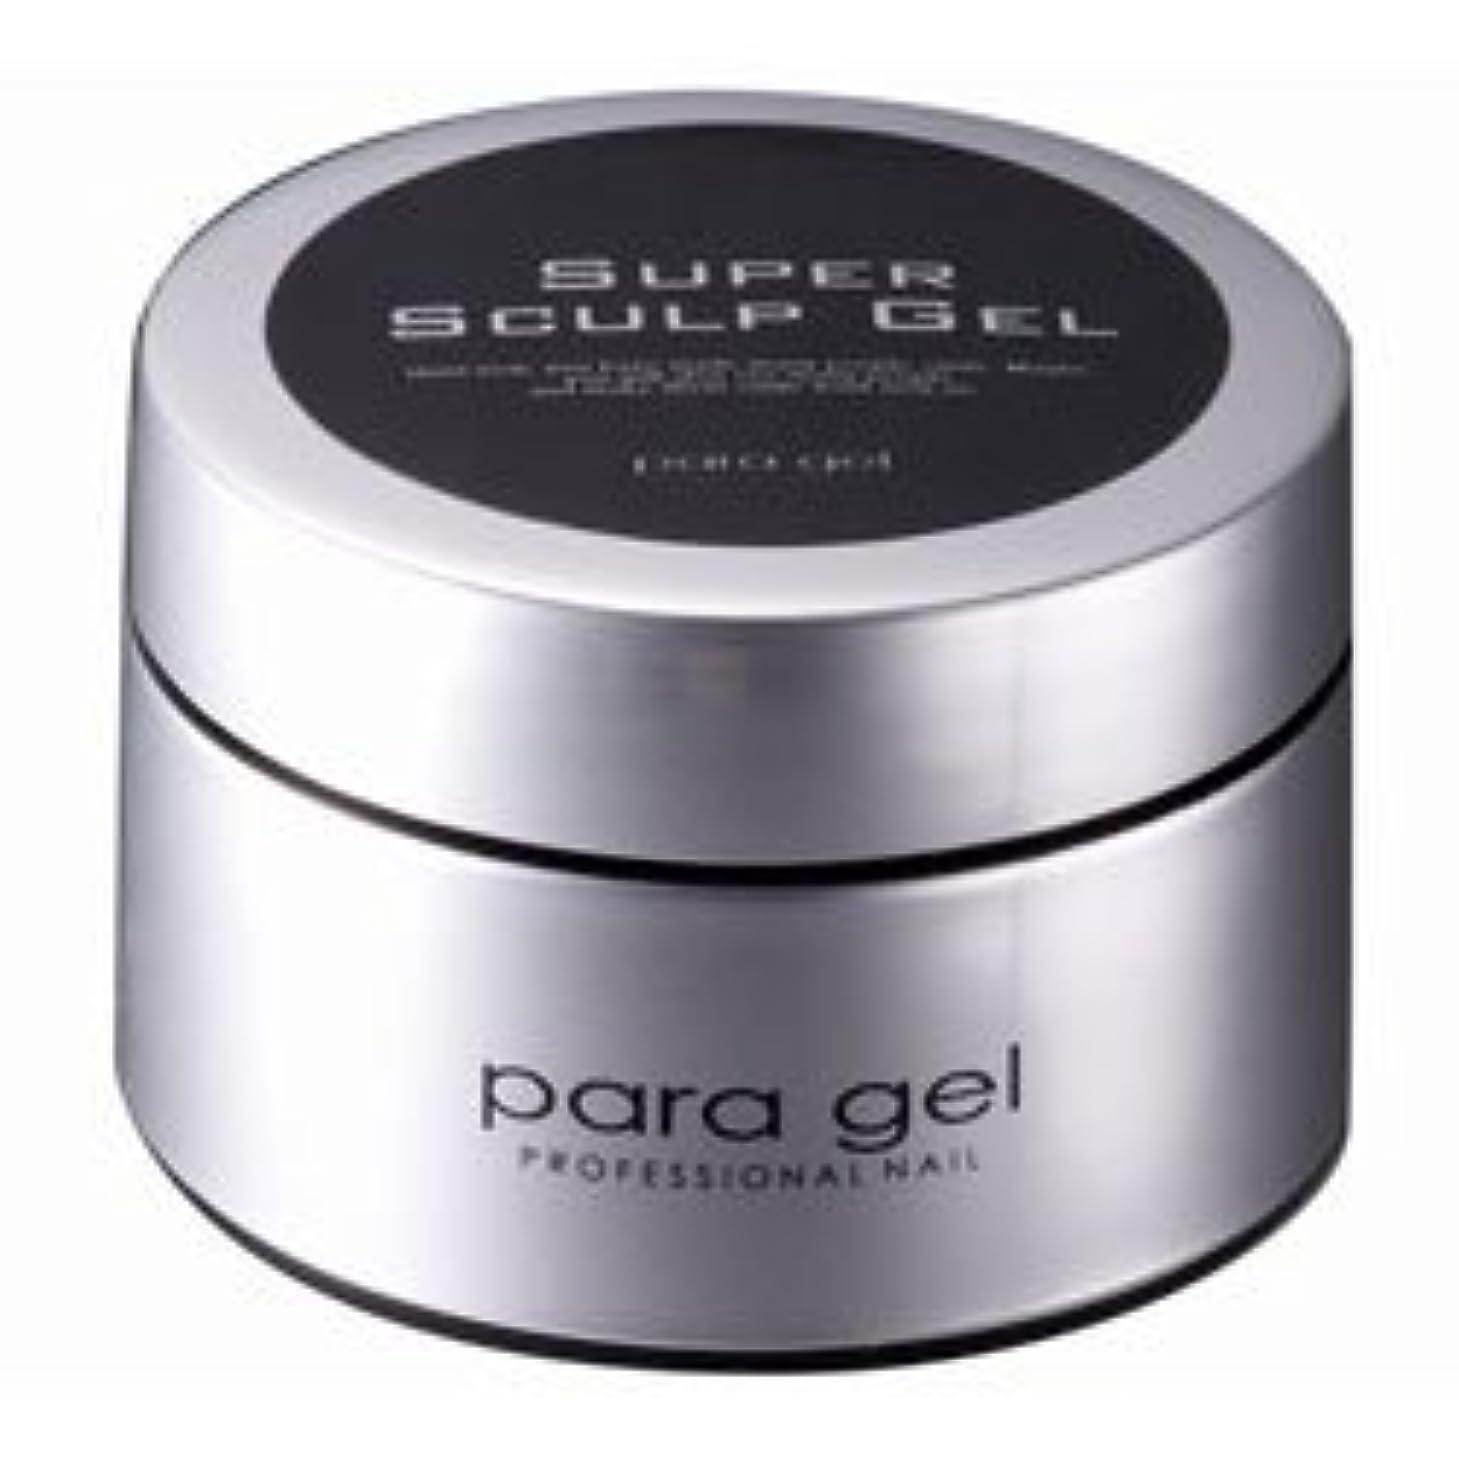 構造バッテリー書き出す★para gel(パラジェル) <BR>スーパースカルプジェル クリア 25g